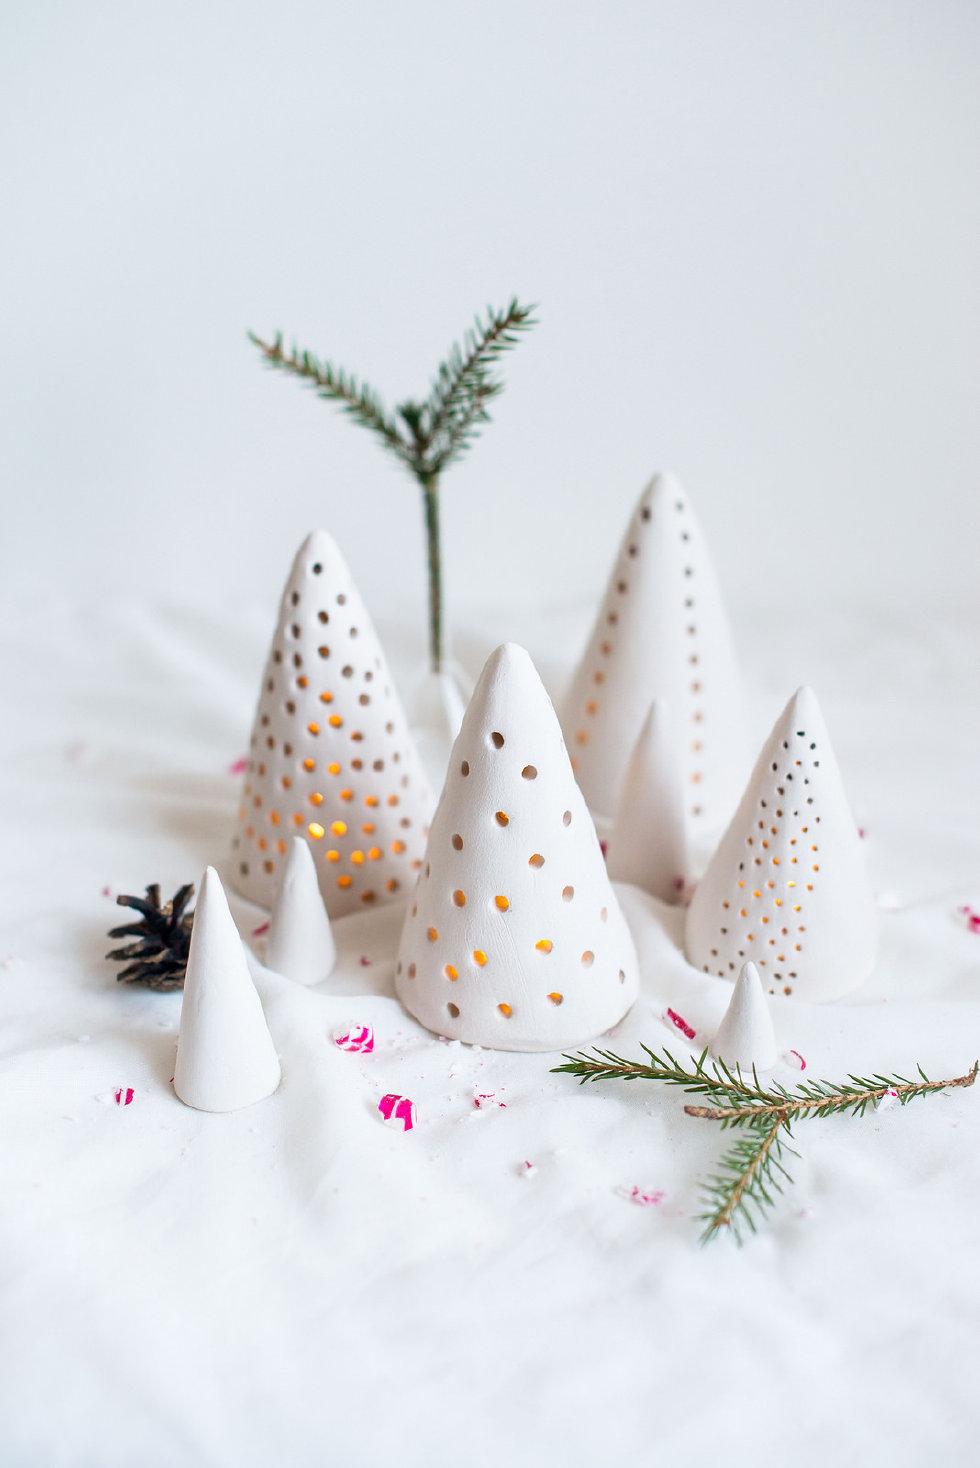 Zelf Maken Met Klei Kerstlichtjes Freubelweb Freubelweb